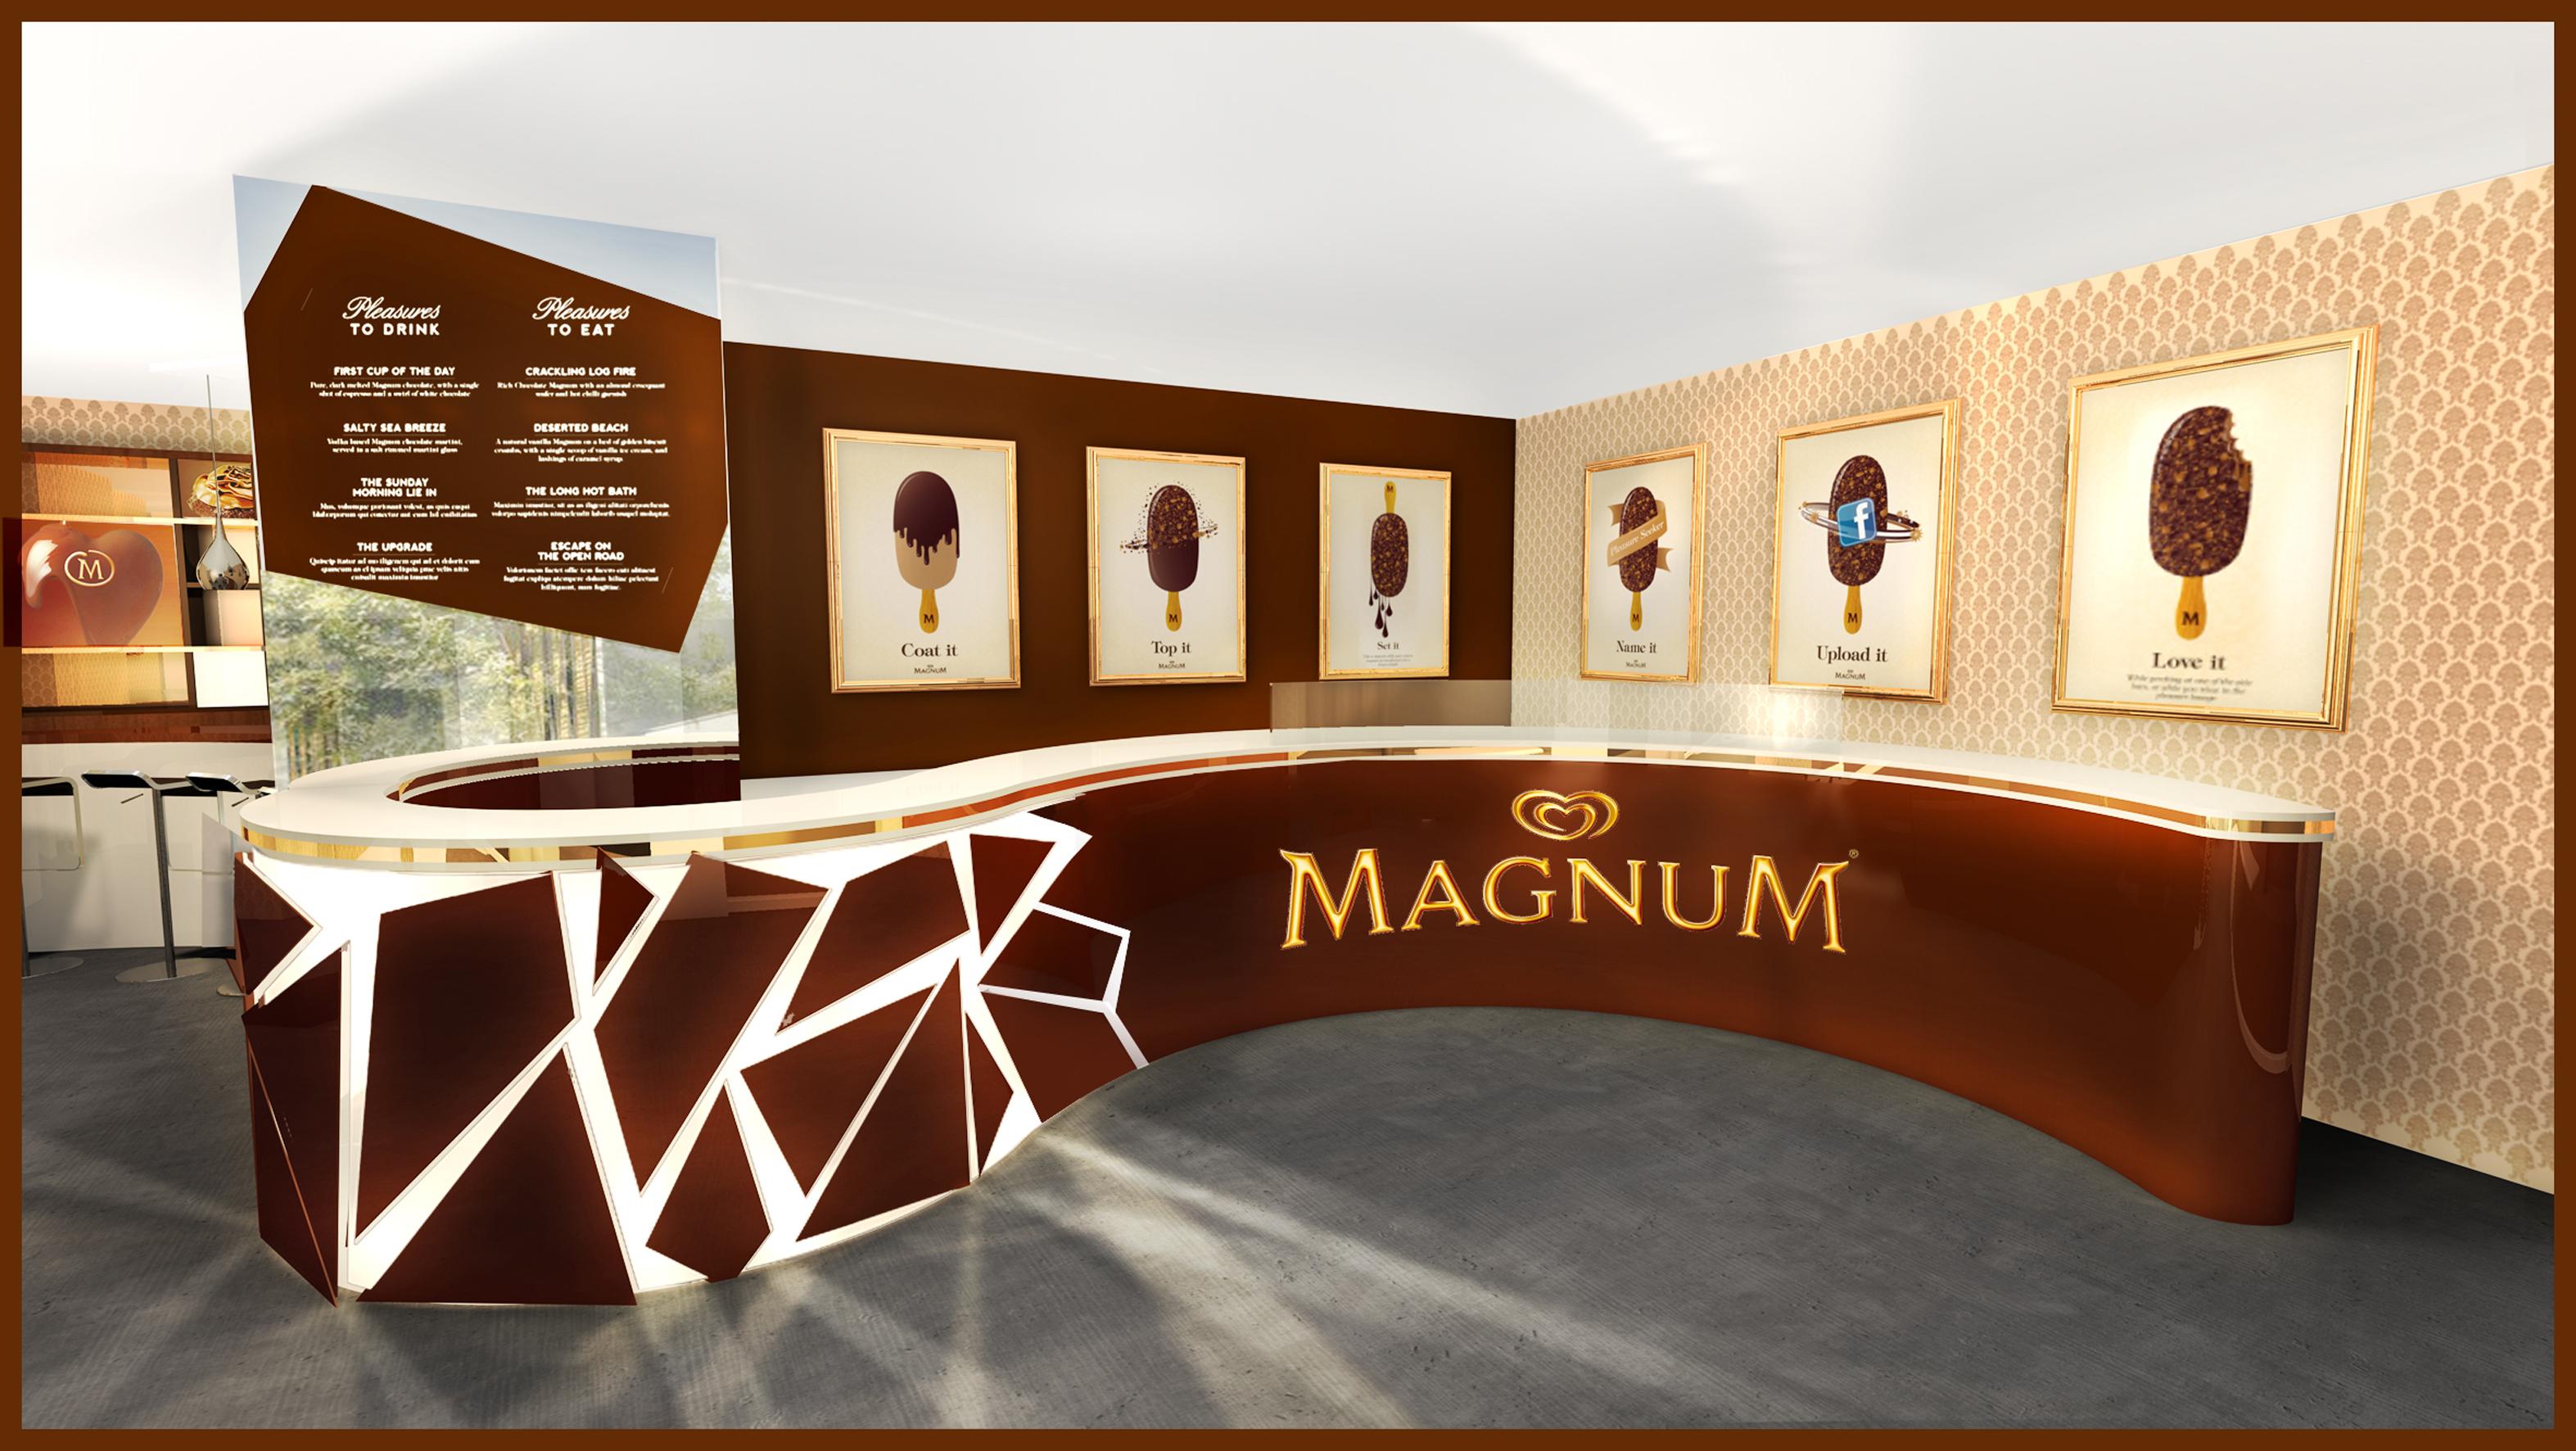 magnum ouvre son caf ph m re paris frais ls et produits surgel s. Black Bedroom Furniture Sets. Home Design Ideas